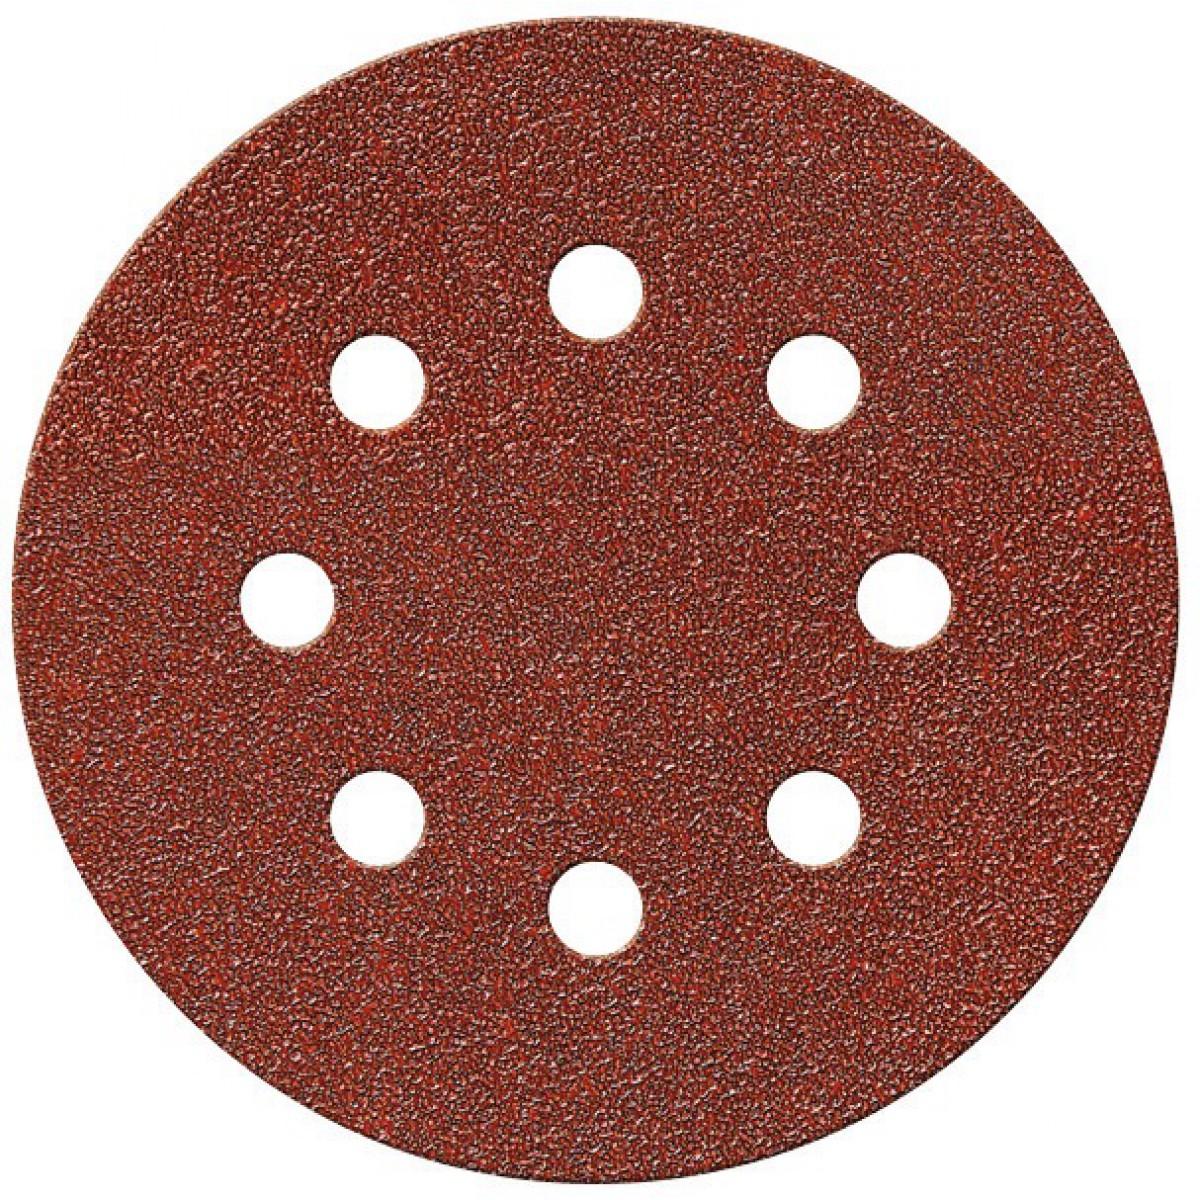 Disque auto-agrippant SCID - 8 trous - Grain 40 - Diamètre 125 mm - Vendu par 5